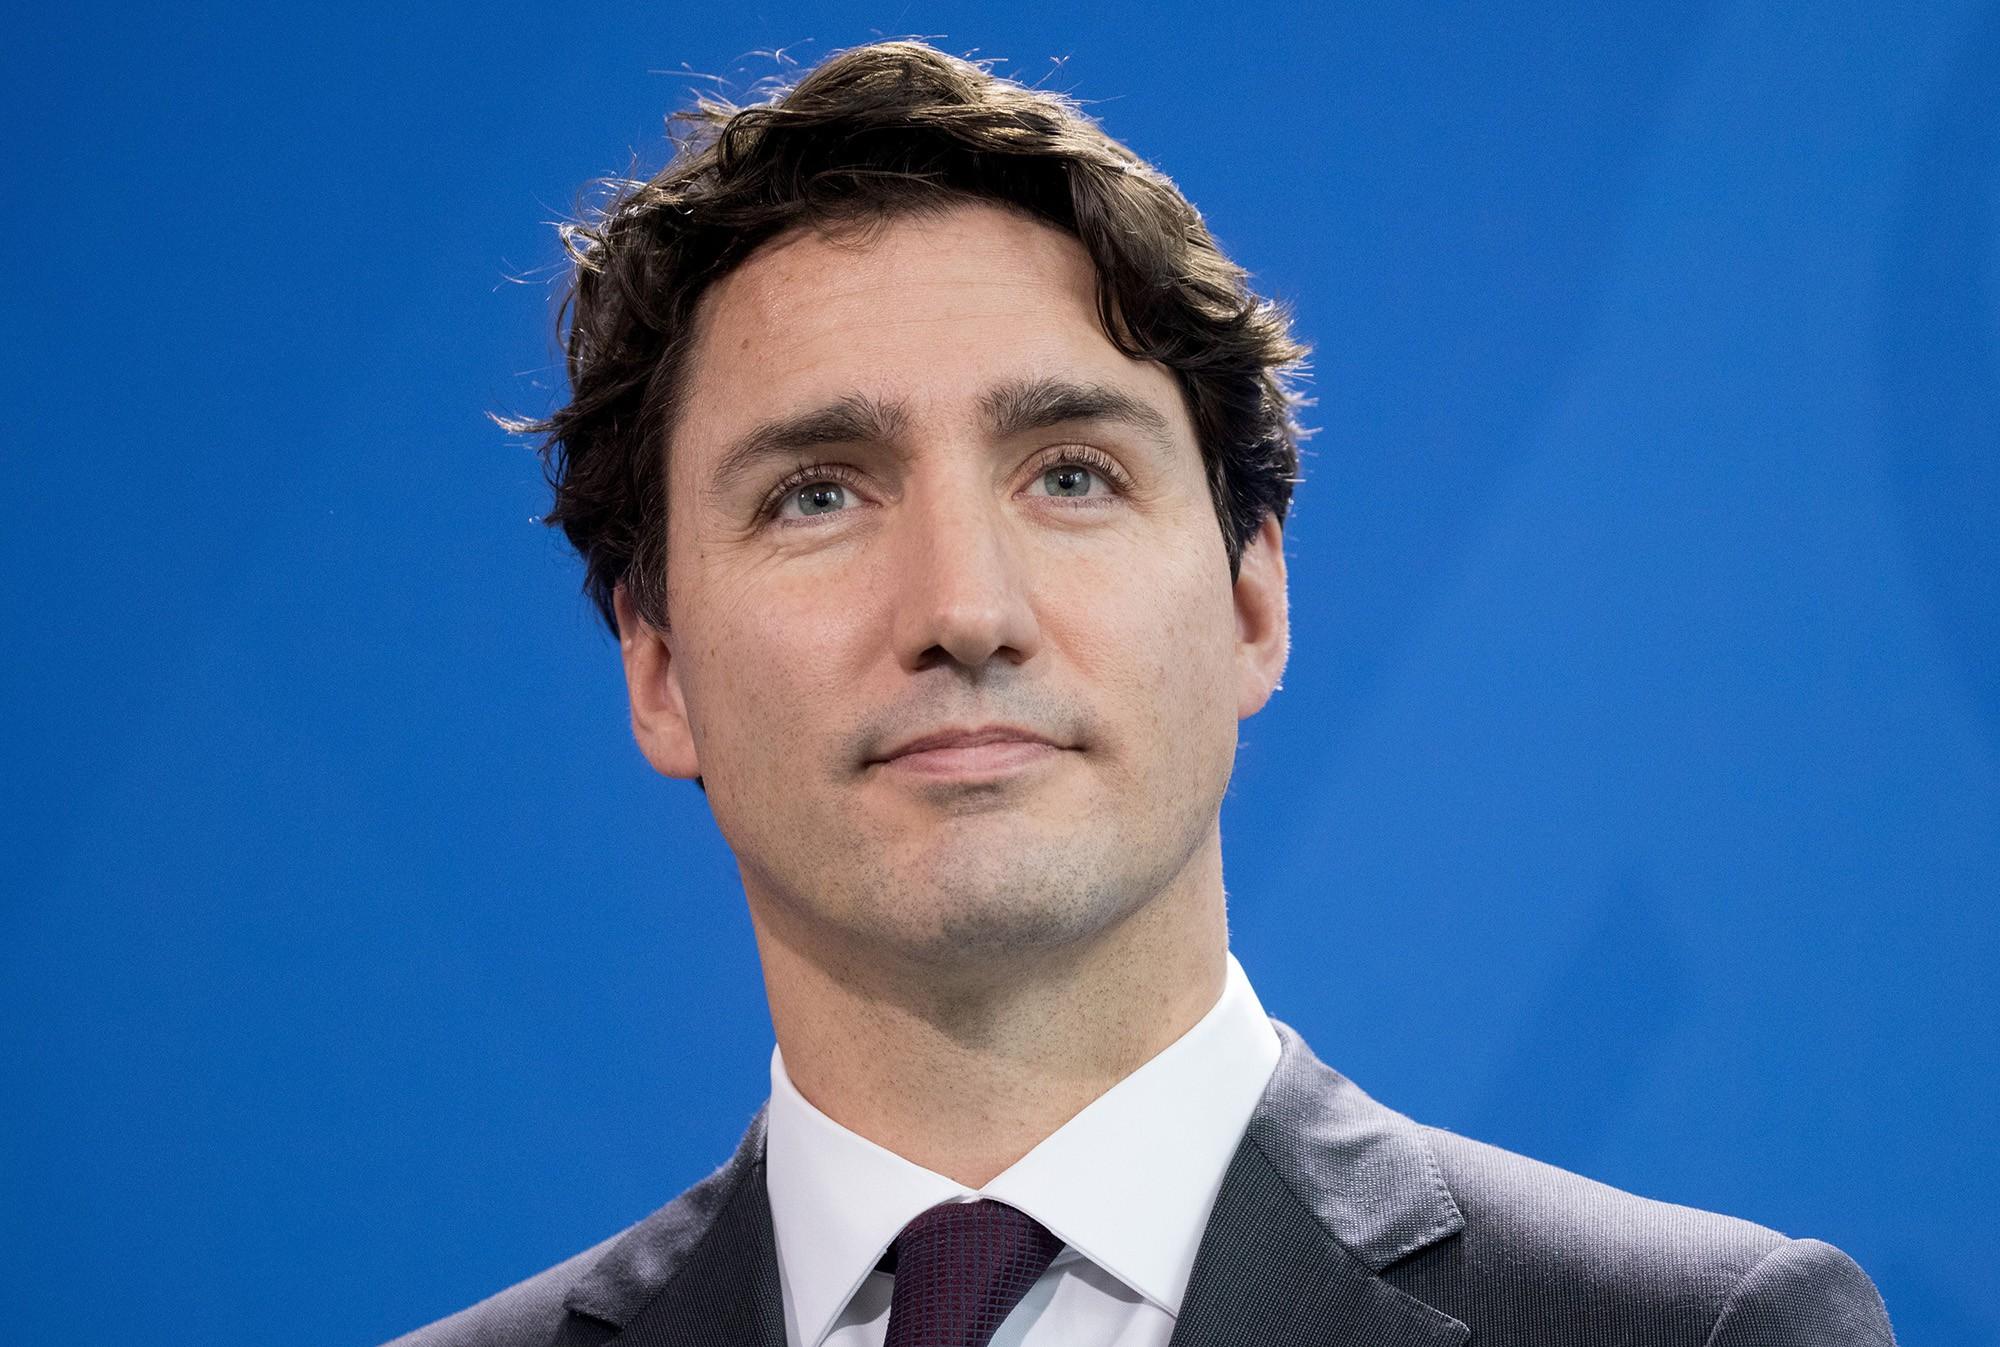 Lý giải sức hút của Thủ tướng Canada Justin Trudeau: đẹp trai, hài hước và ngọt ngào hết sức - Ảnh 1.